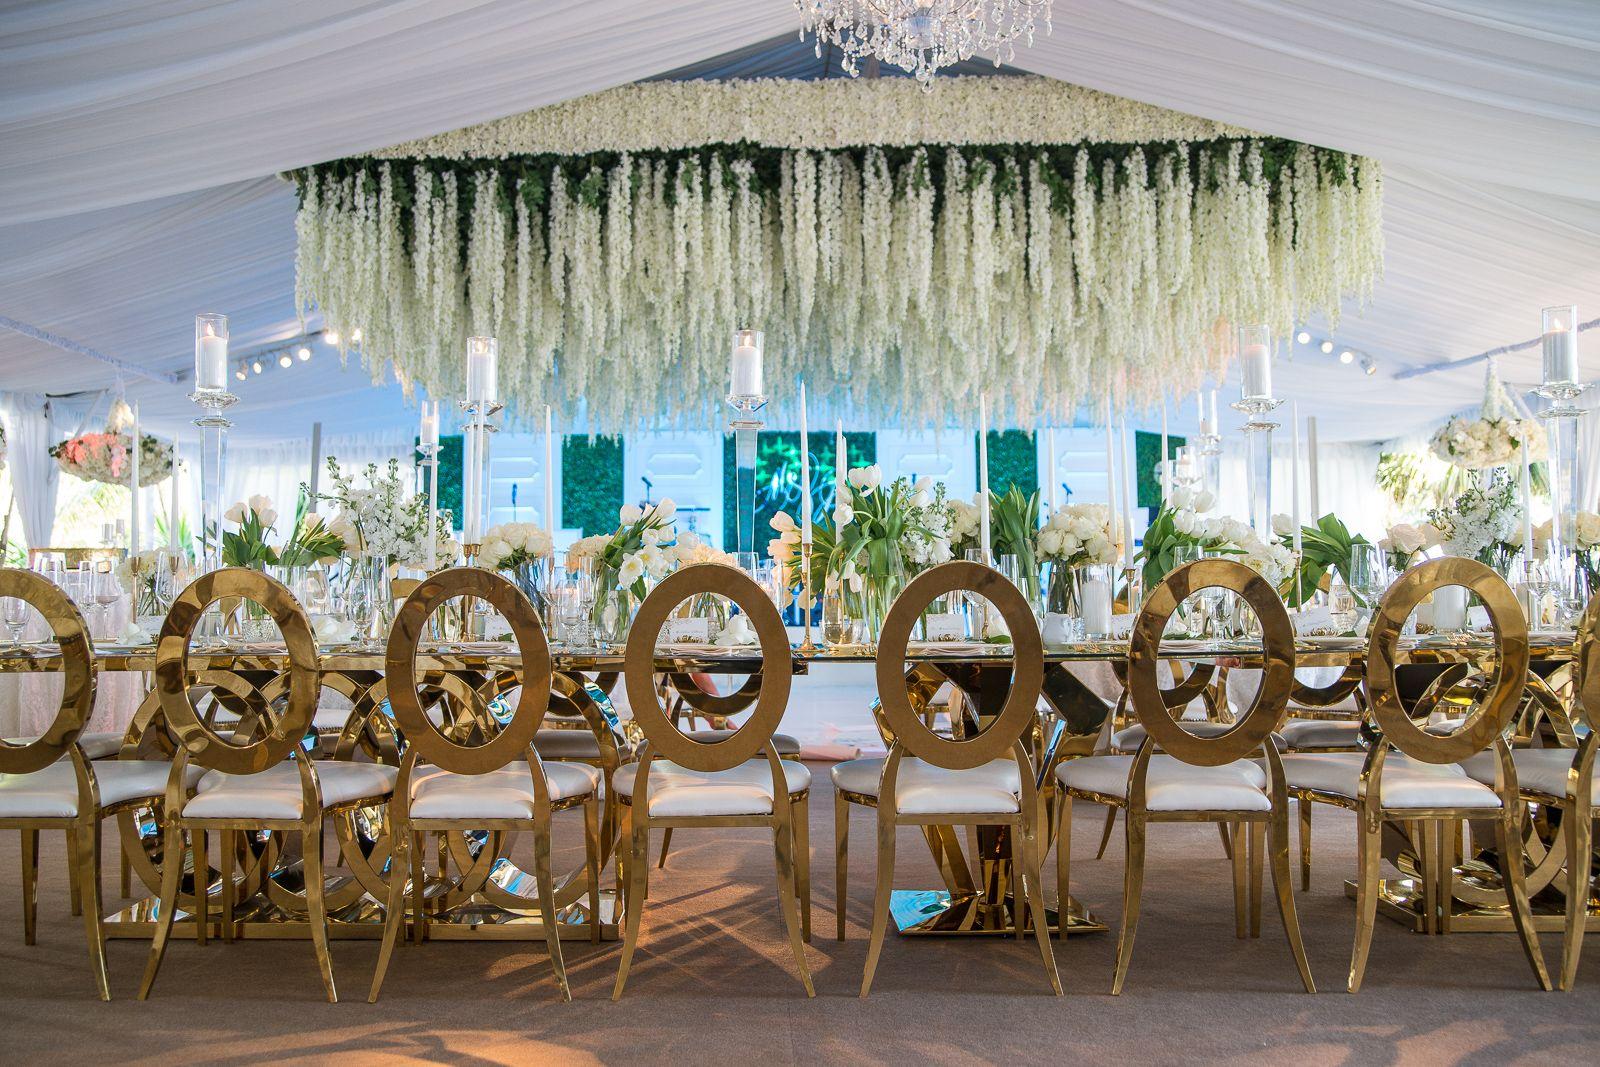 8a3d1564e237173edd9bfac390e5fbf7 - Halls For Rent In Miami Gardens